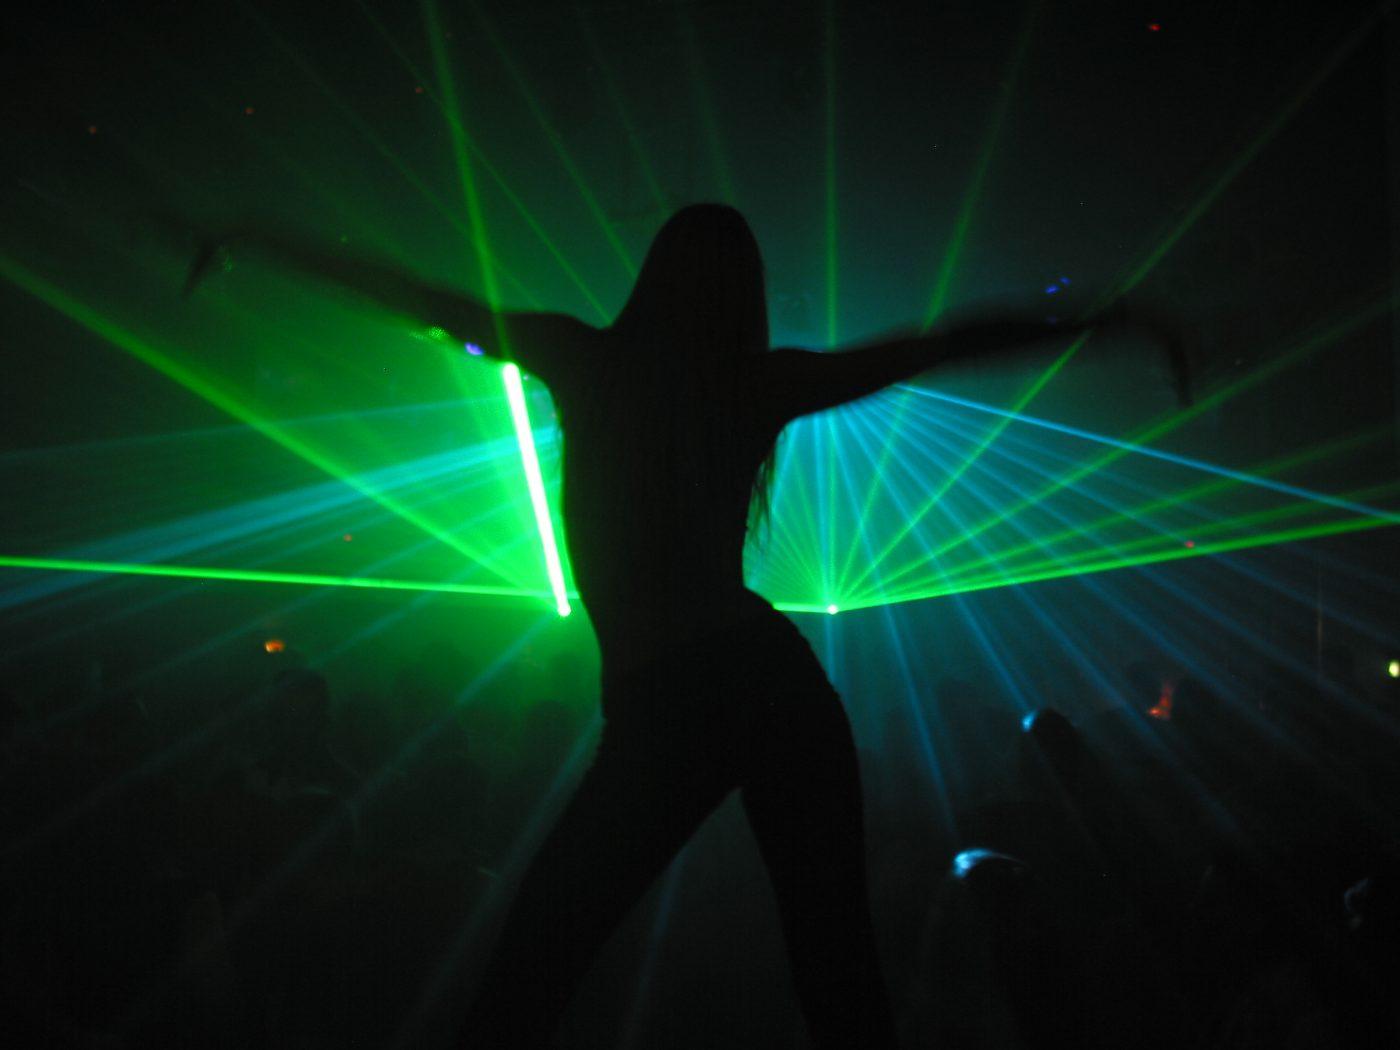 dance-for-laser-1439327 photographer-Martin Simonis (martwork)martwork